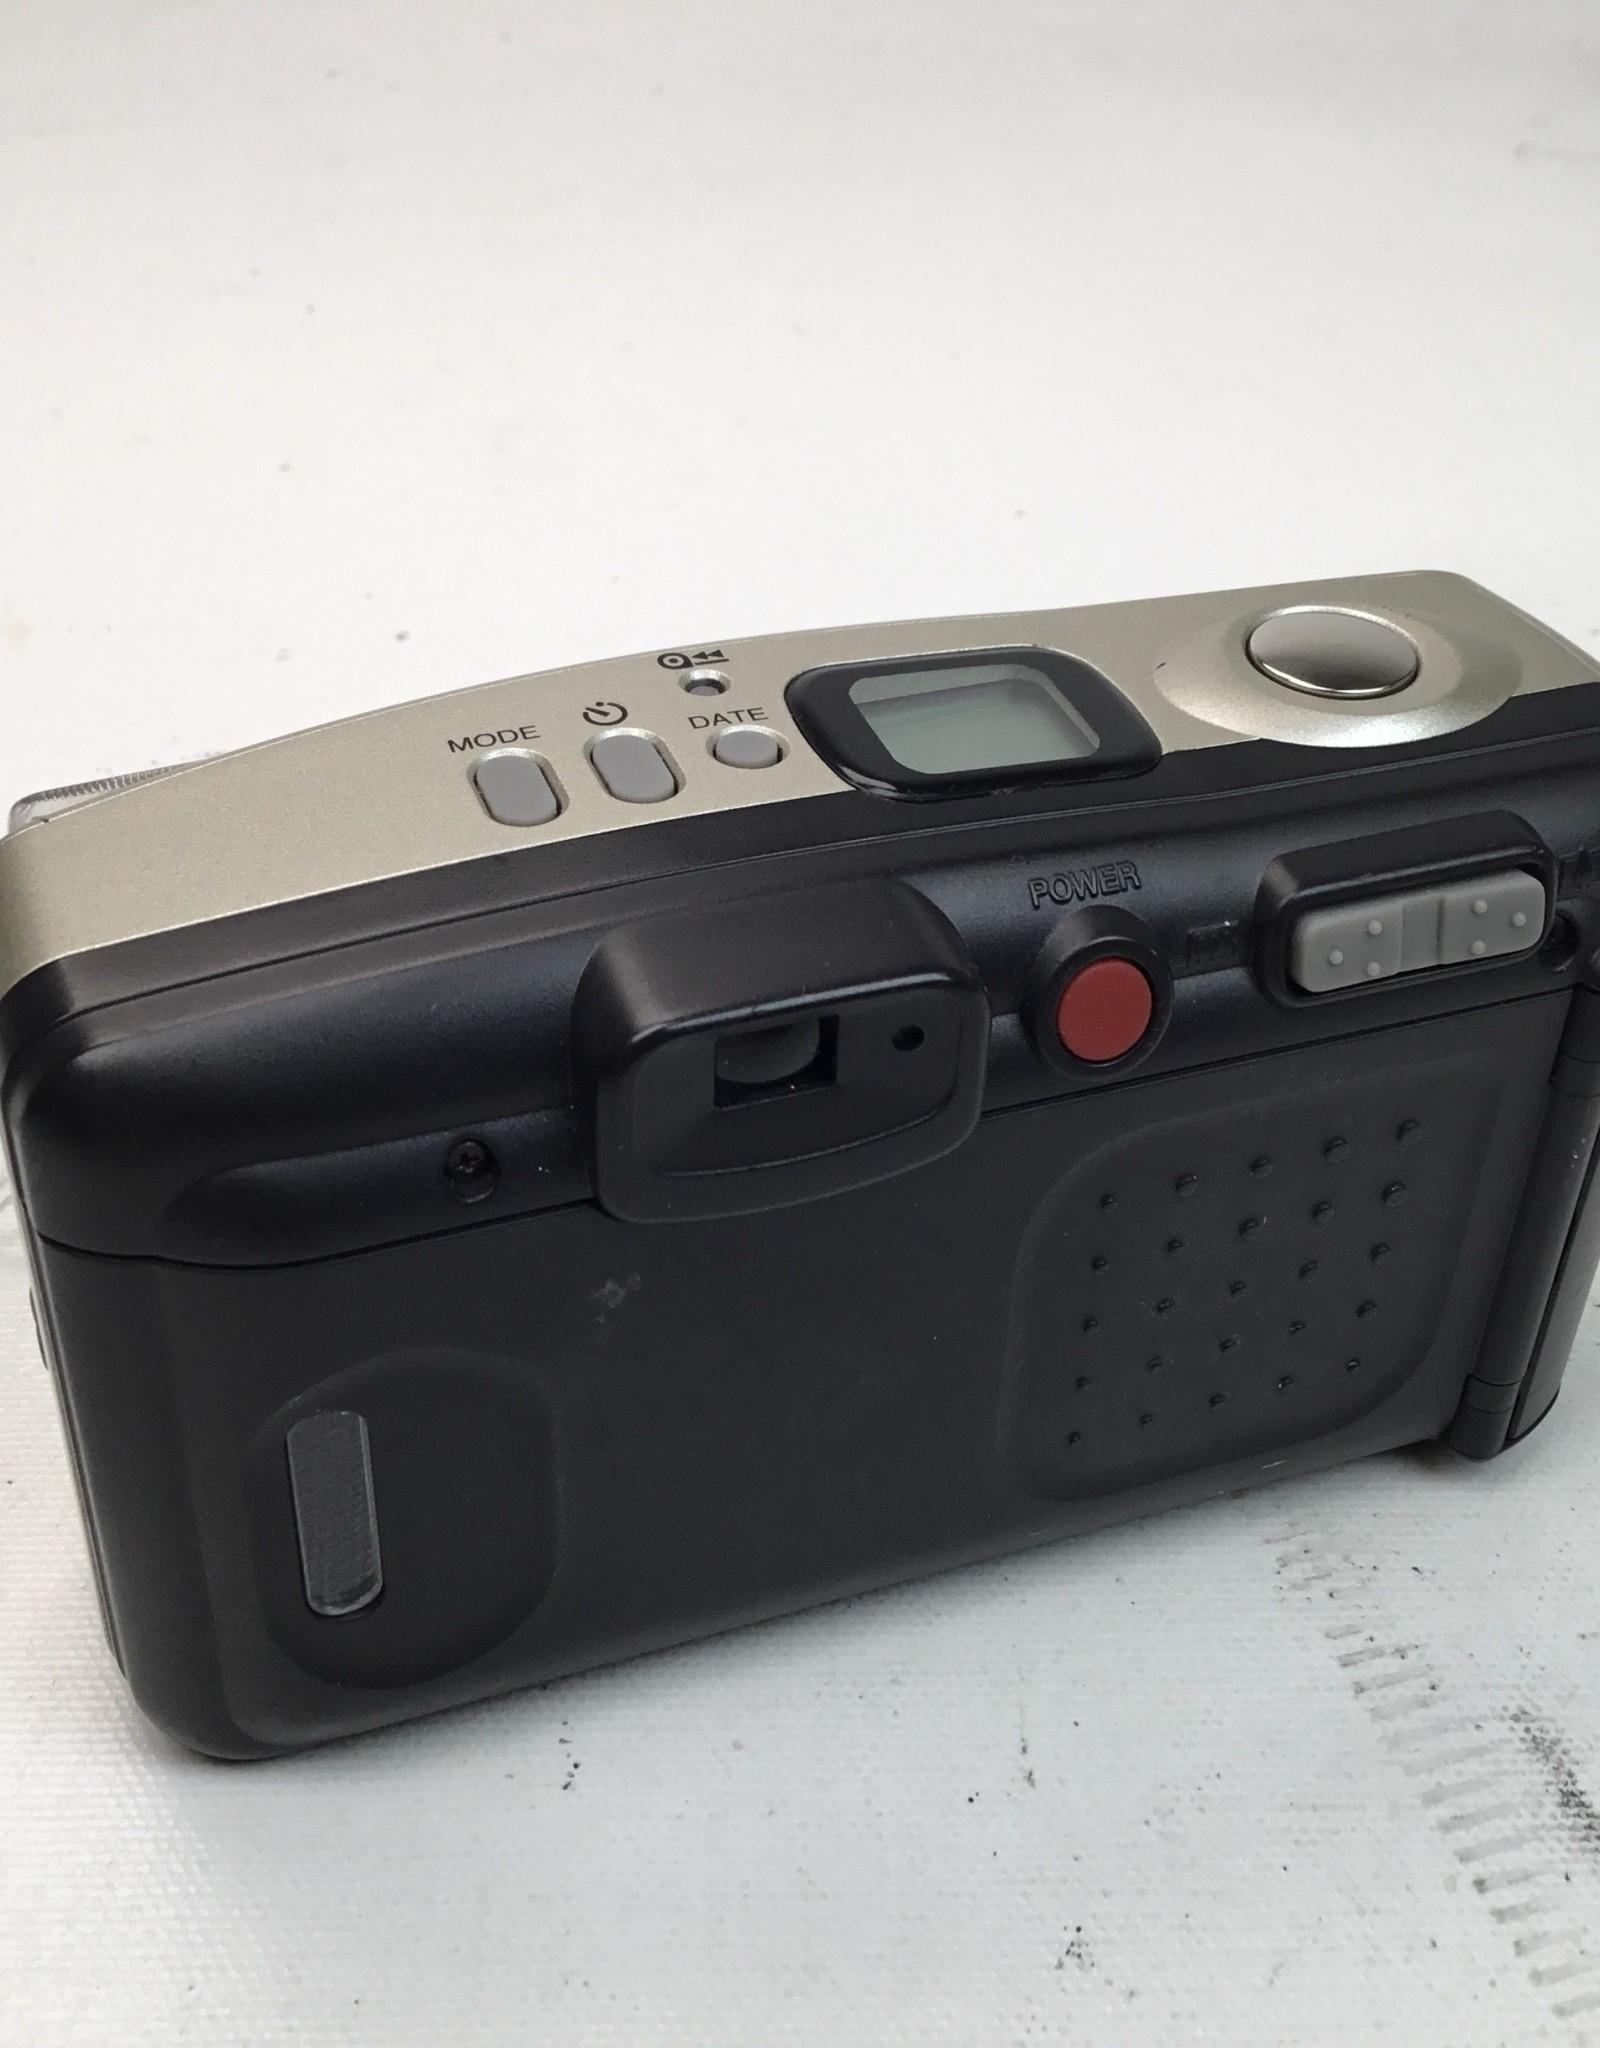 FUJI Fuji Fujifilm Zoom Date 120 Camera Used Good